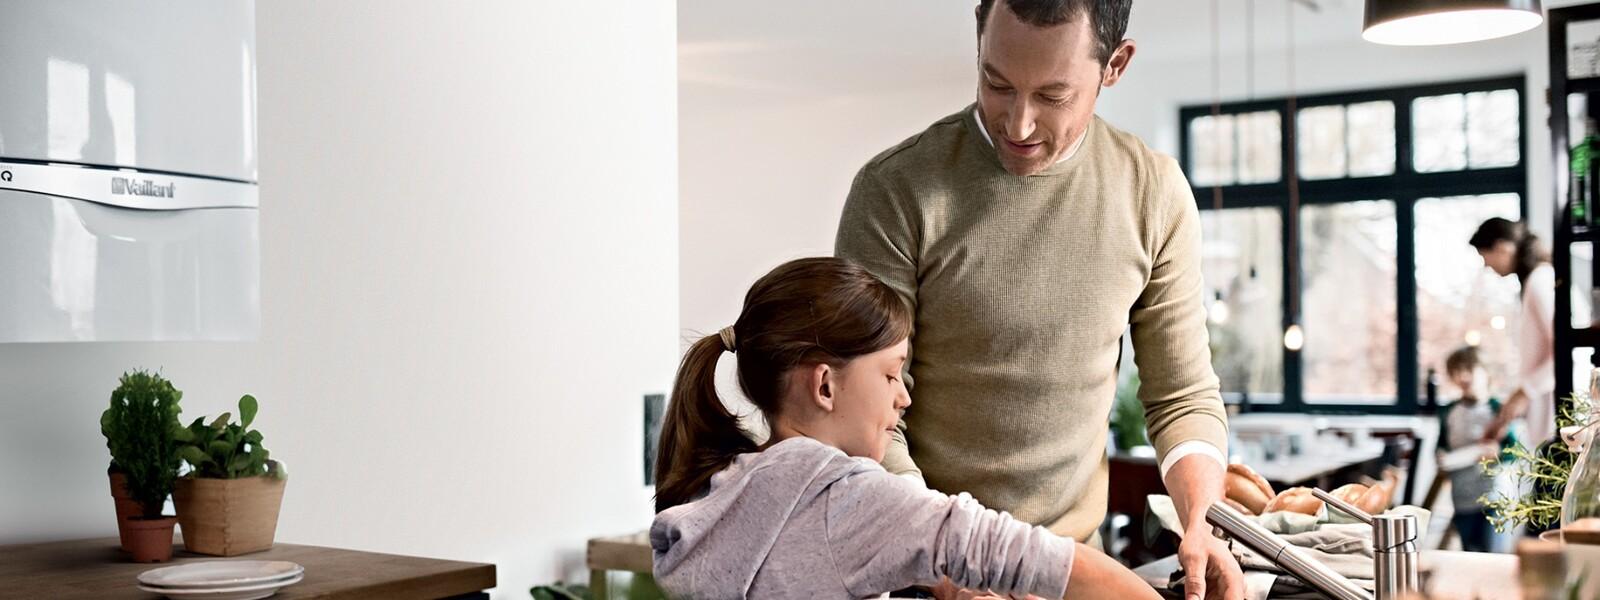 Muž s dcerou v kuchyni před plynovým kotlem